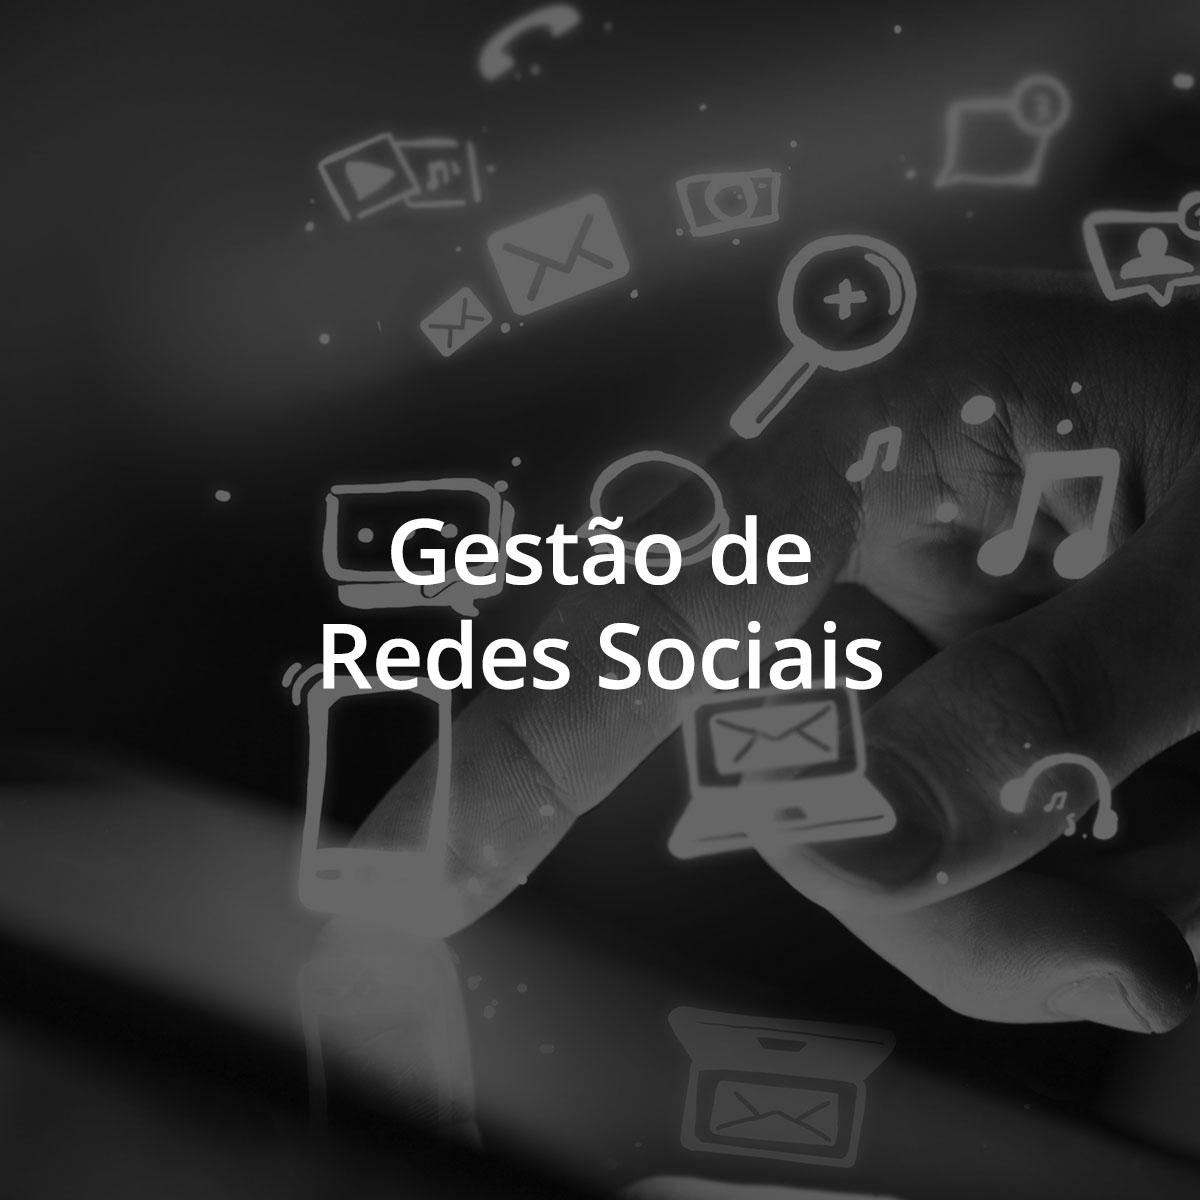 servico-gestao-redes-sociais-2